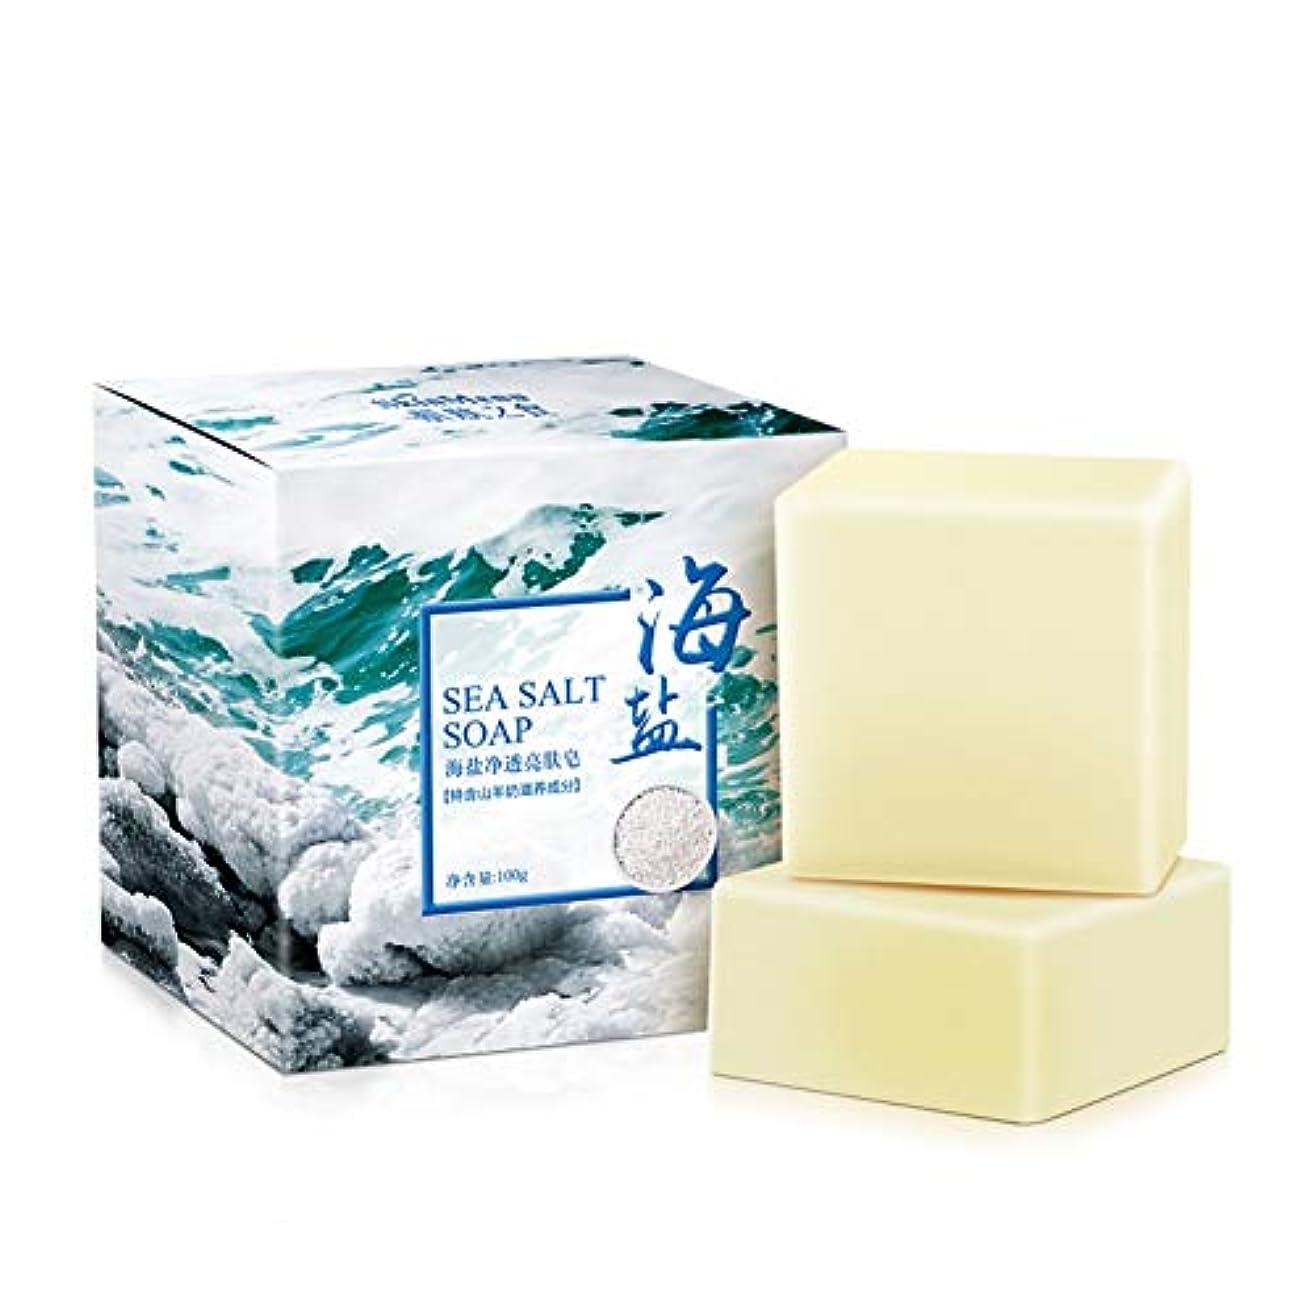 比較的雹離れたCutelove 石鹸 にきび用石鹸 海塩石鹸 海塩石鹸にきび パーソナルケア製品 補修石鹸 ボディークリーニング製品